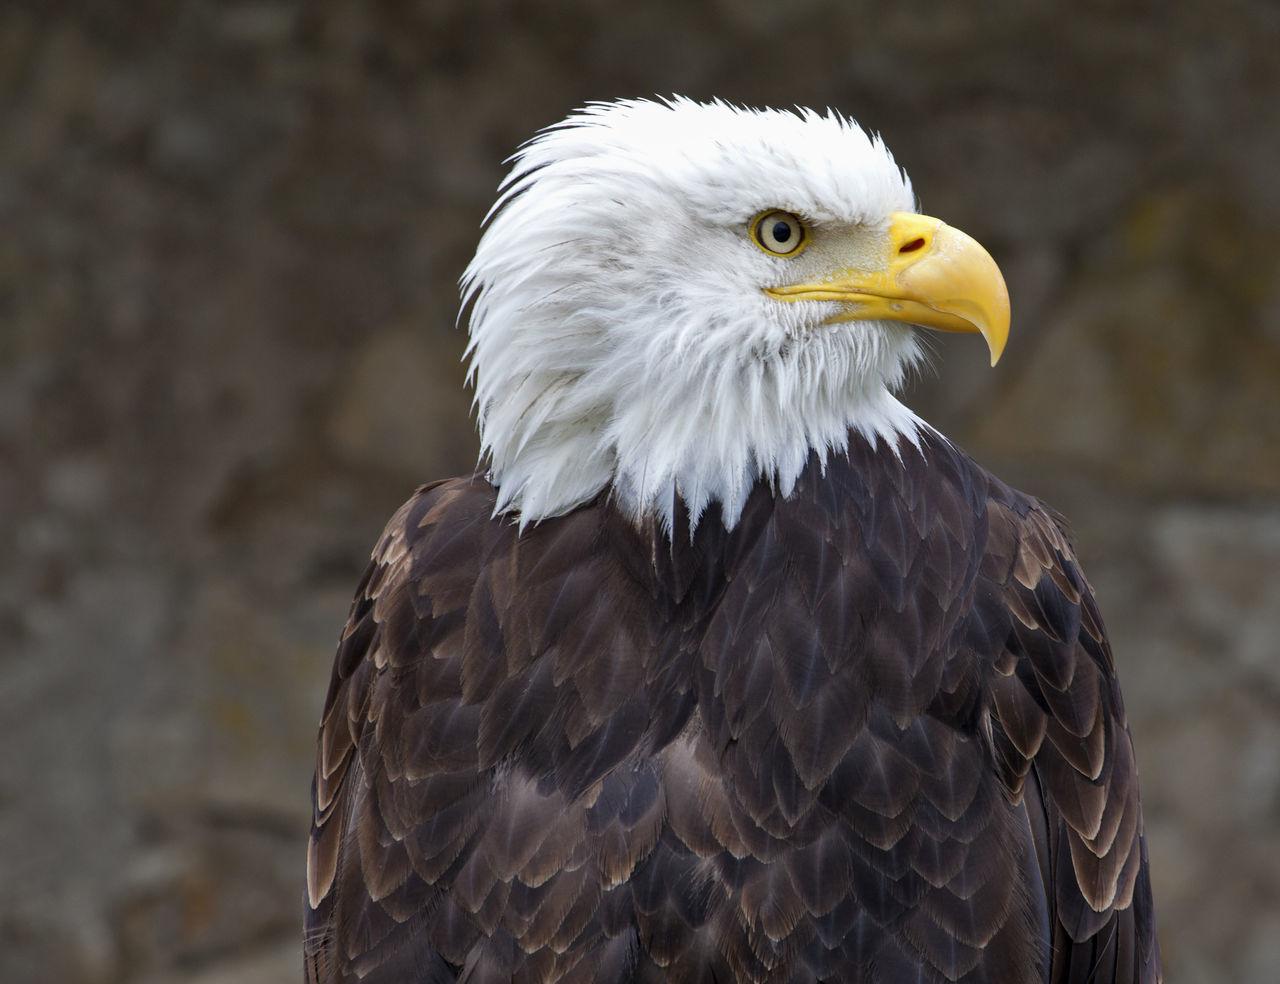 Eagle in command Alertness Bald Eagle Beak Bird Disdainful Eagle Individuality Nature